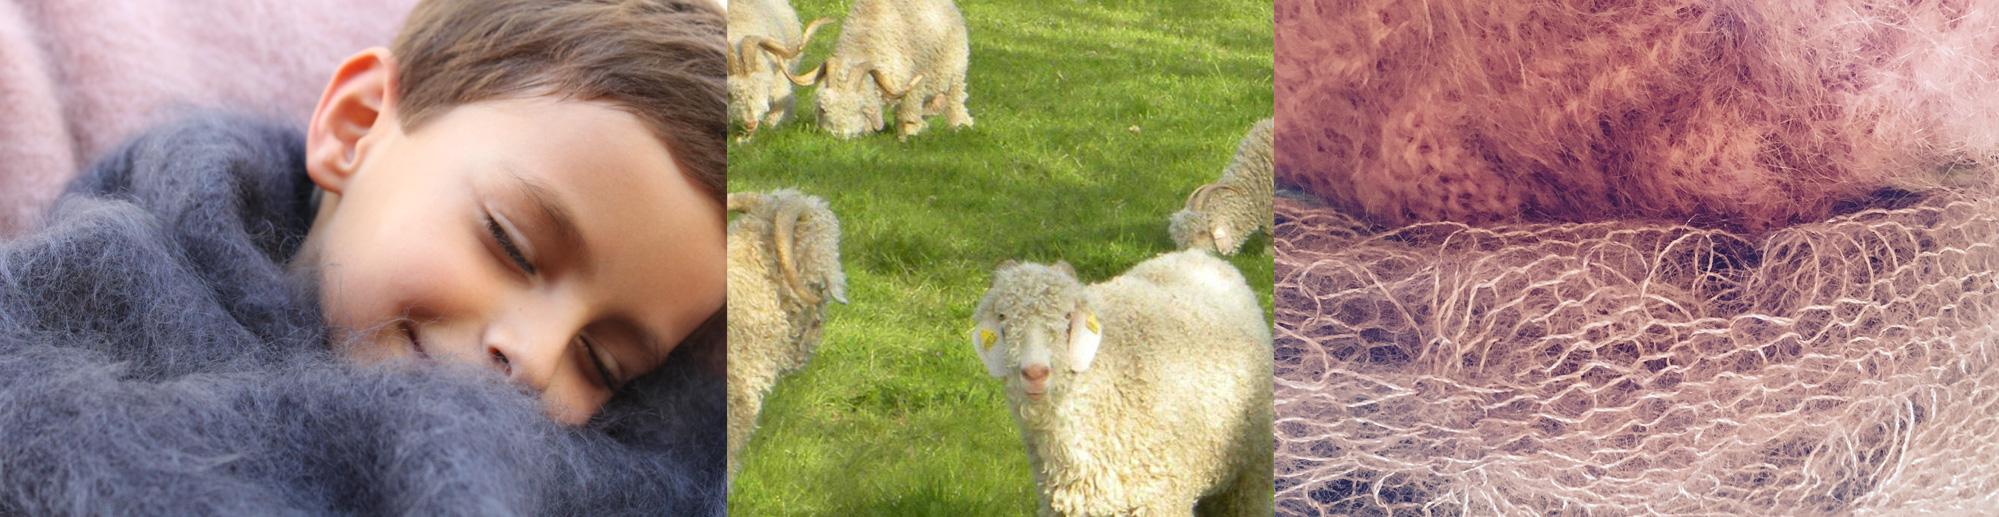 Photo plaid, écharpe en mohair et chèvres angora